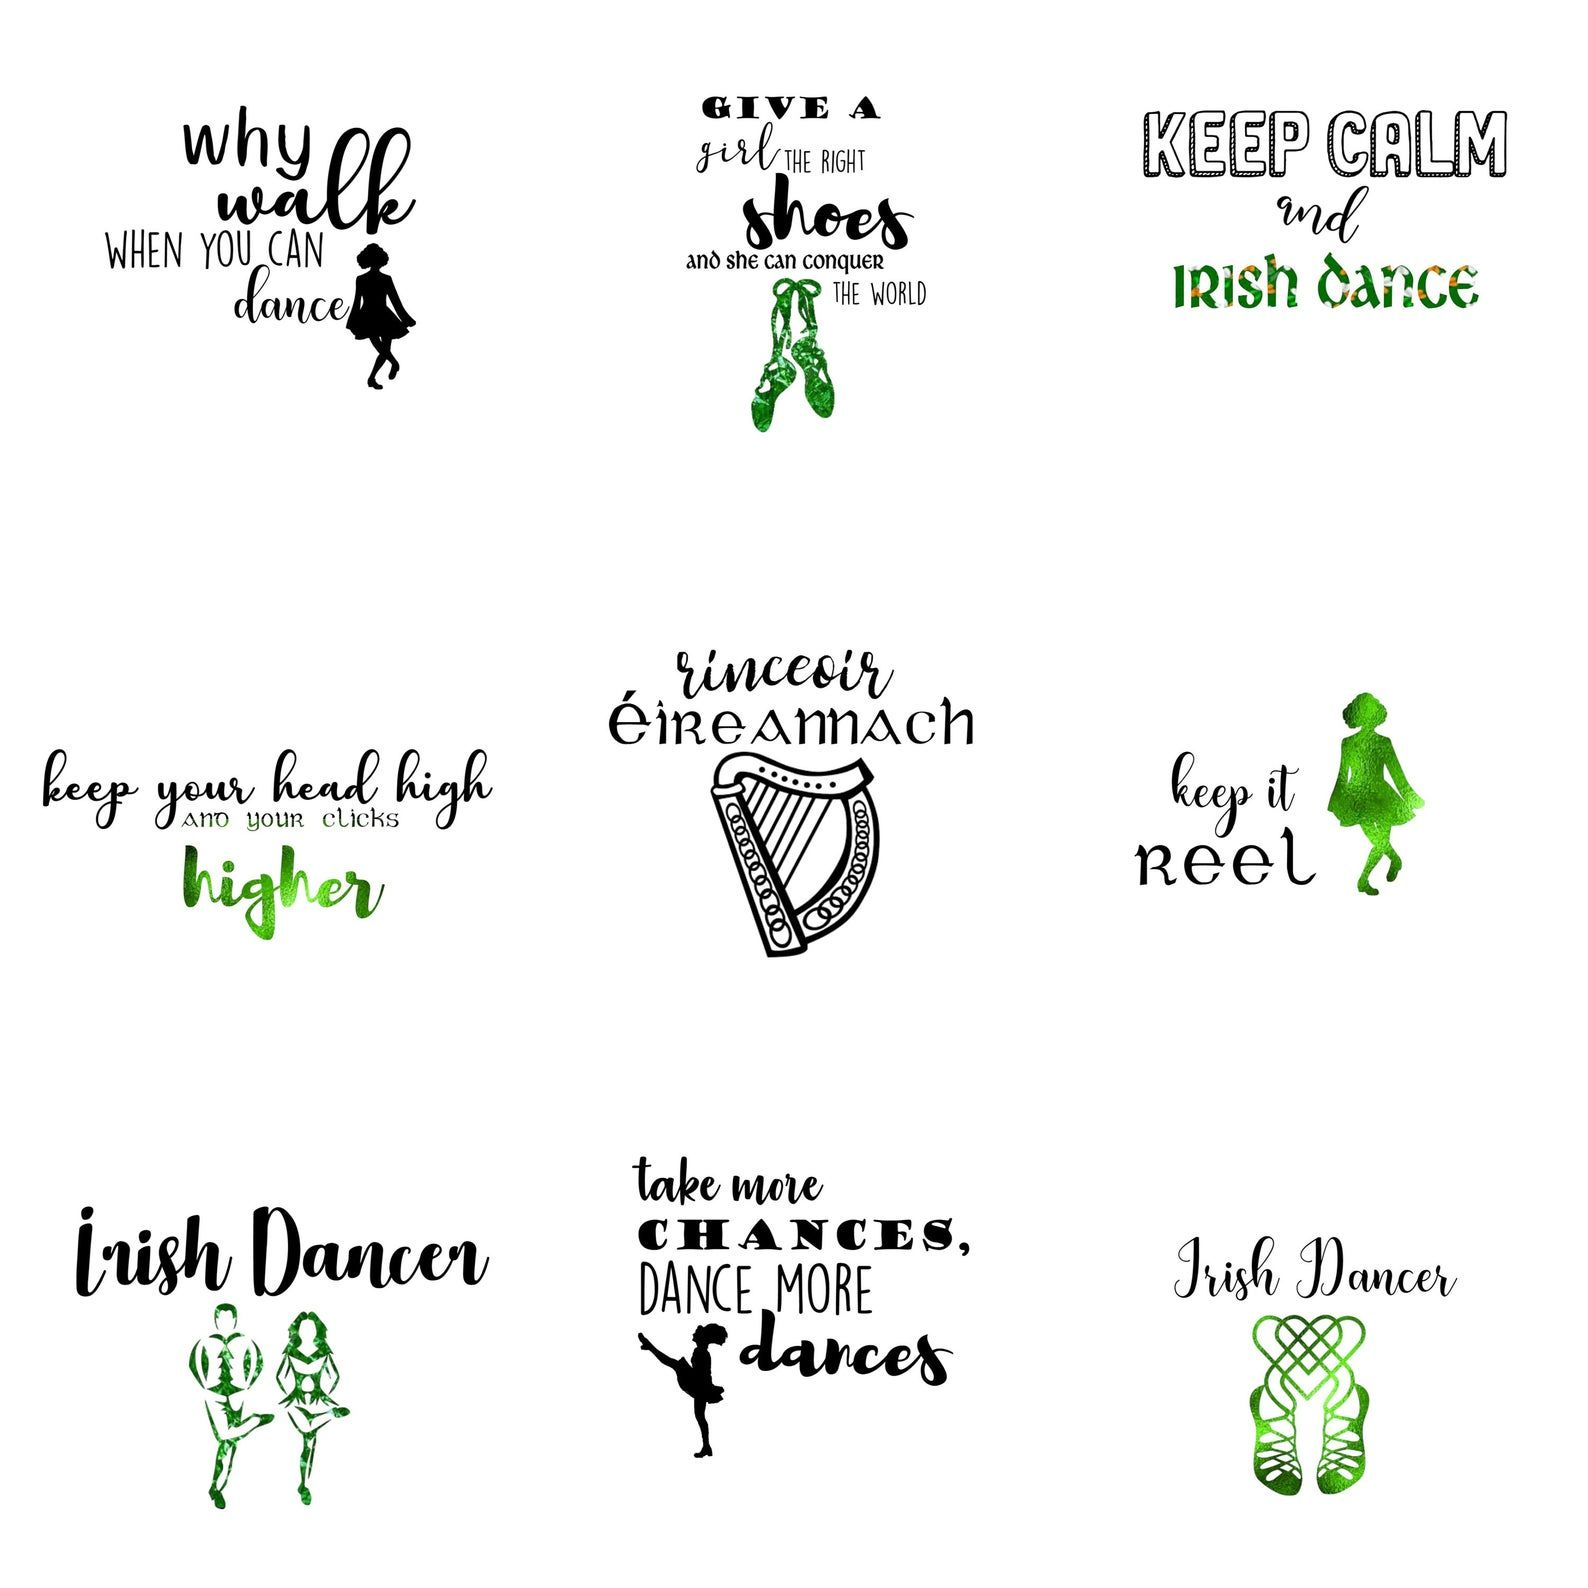 Irish Dancing Svg Irish Dance Svg Irish Dance Printable Irish Dancing Printable Irish Dancer Printable Irish Printable Irish Dance Irish Dancers Dance Logo